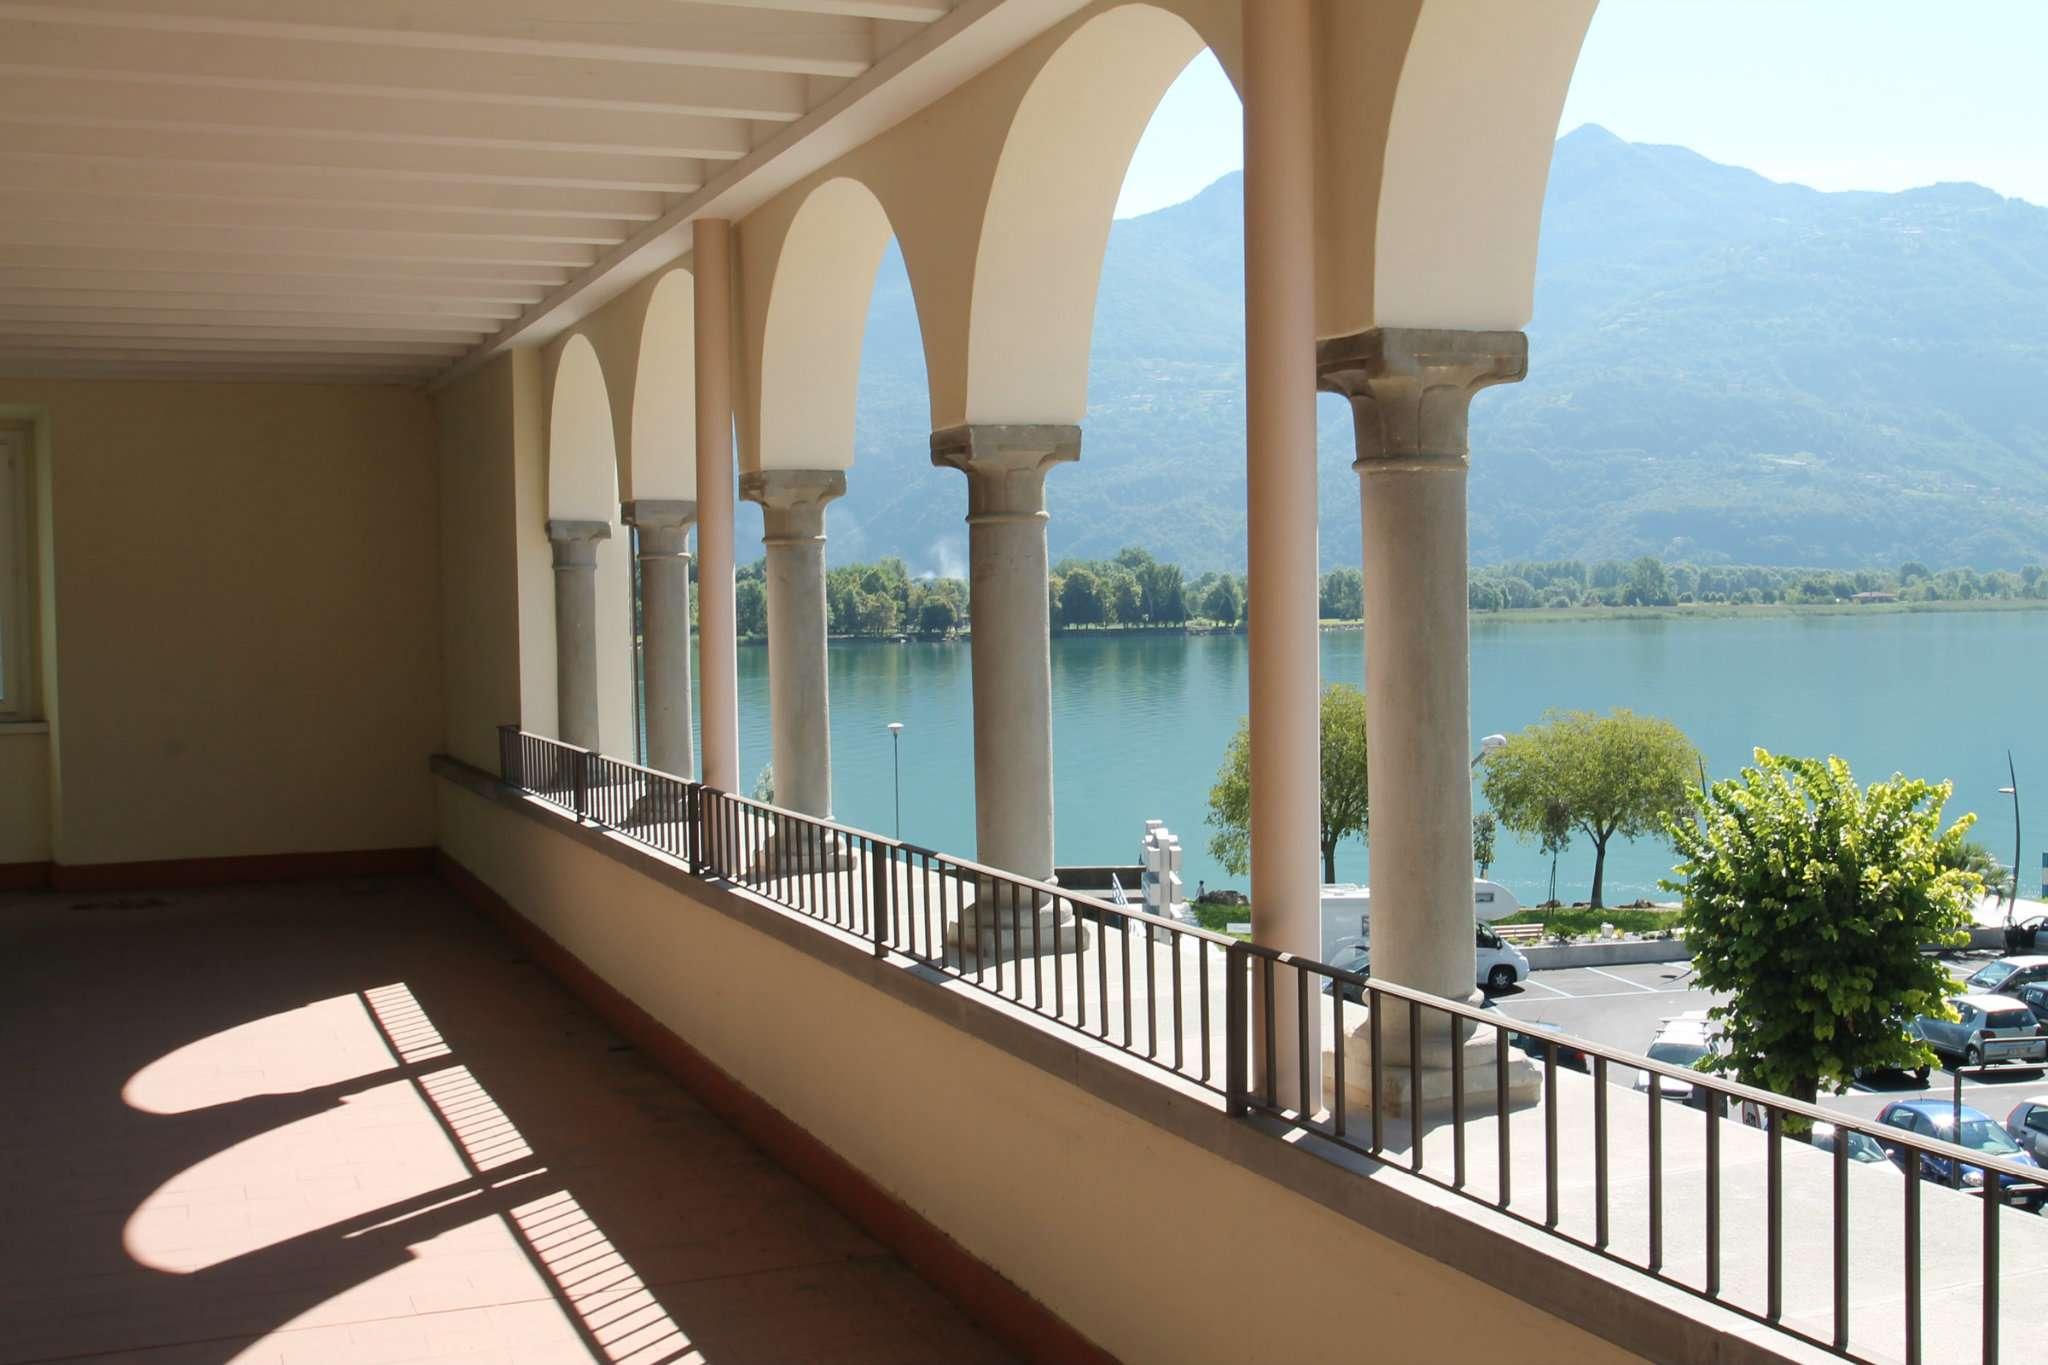 Appartamento in vendita a Lovere, 2 locali, prezzo € 220.000 | CambioCasa.it